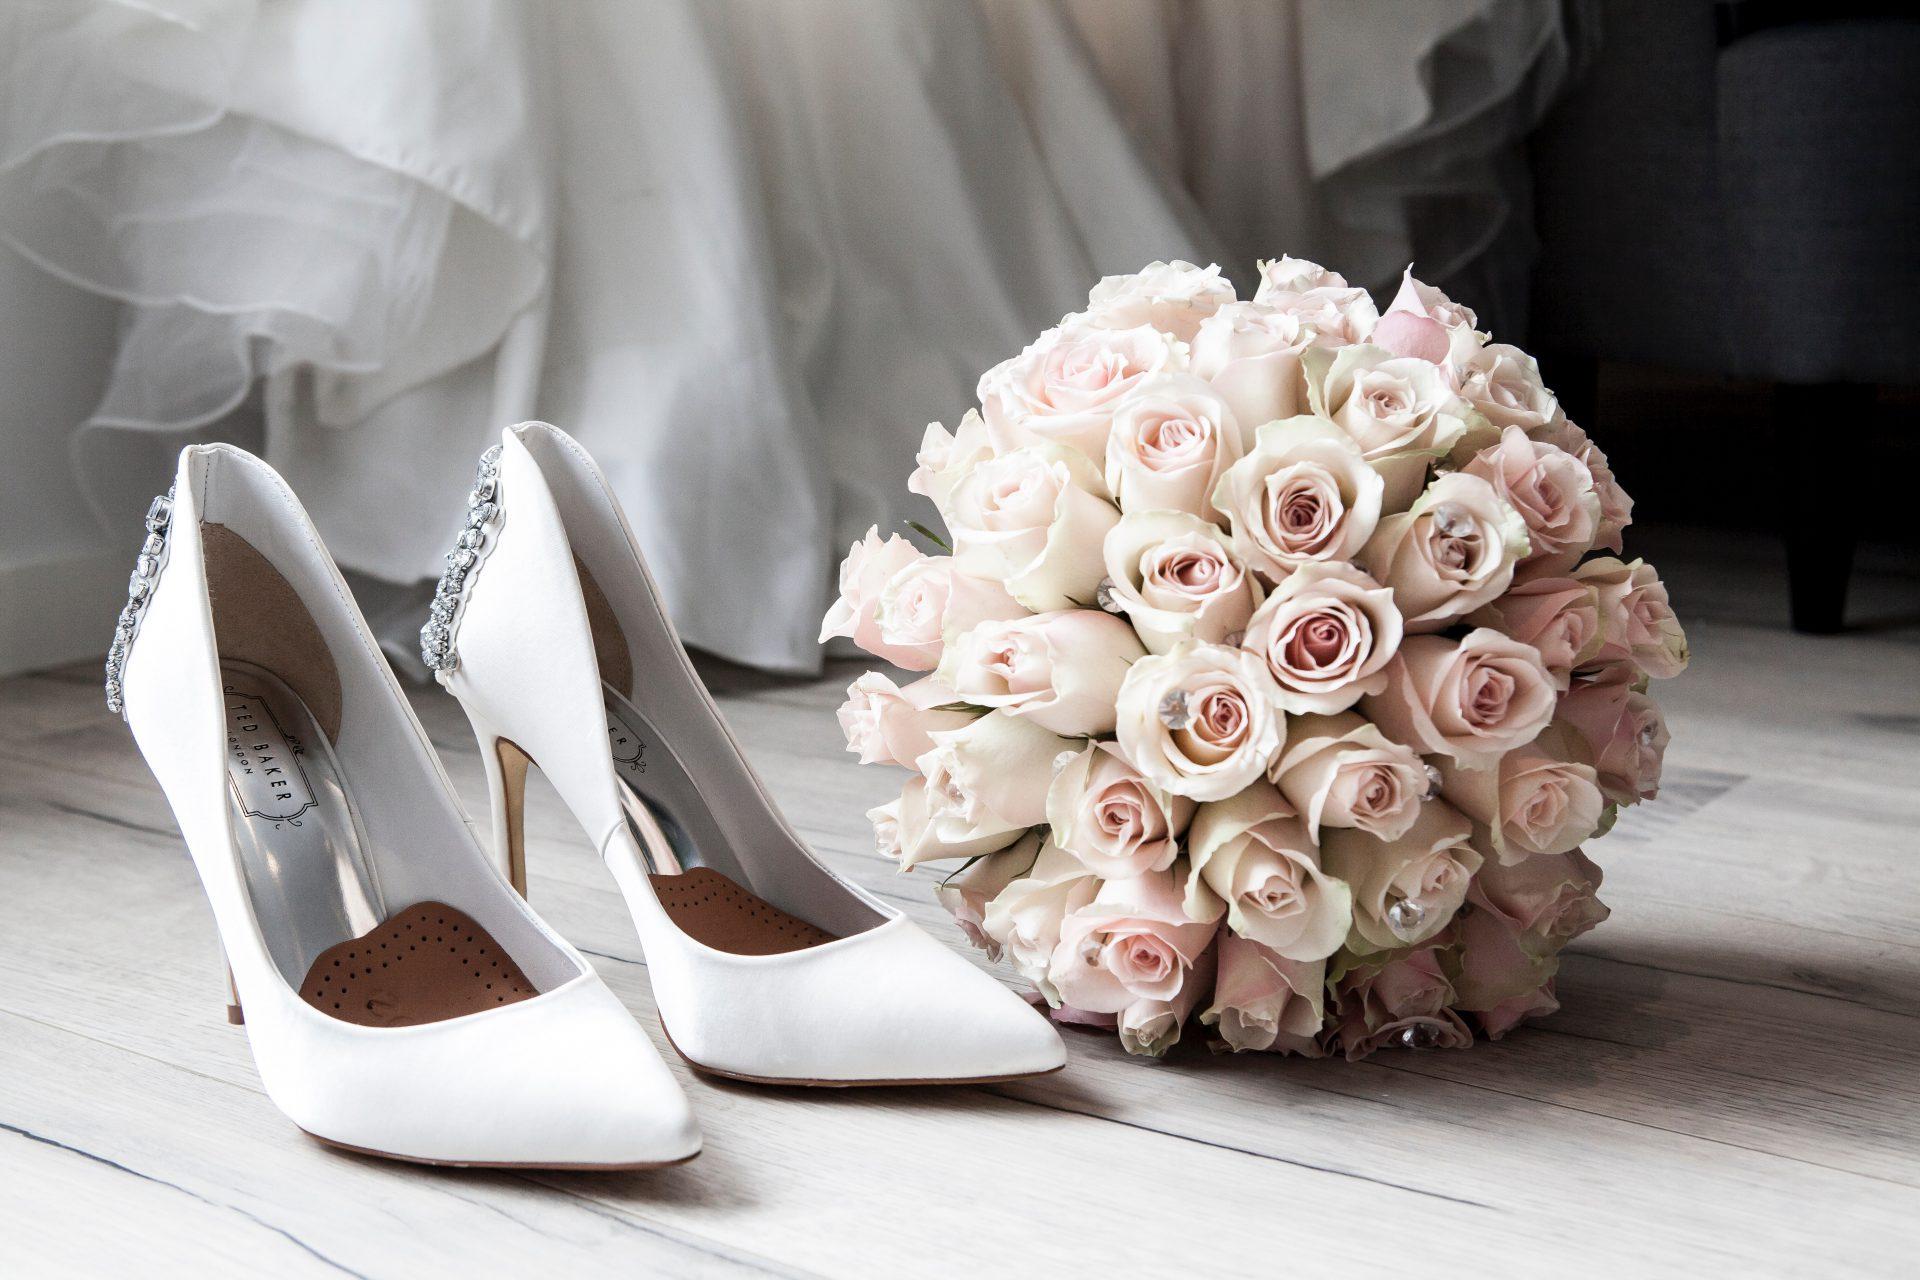 50代女性は熟年離婚後、再婚できるのか?